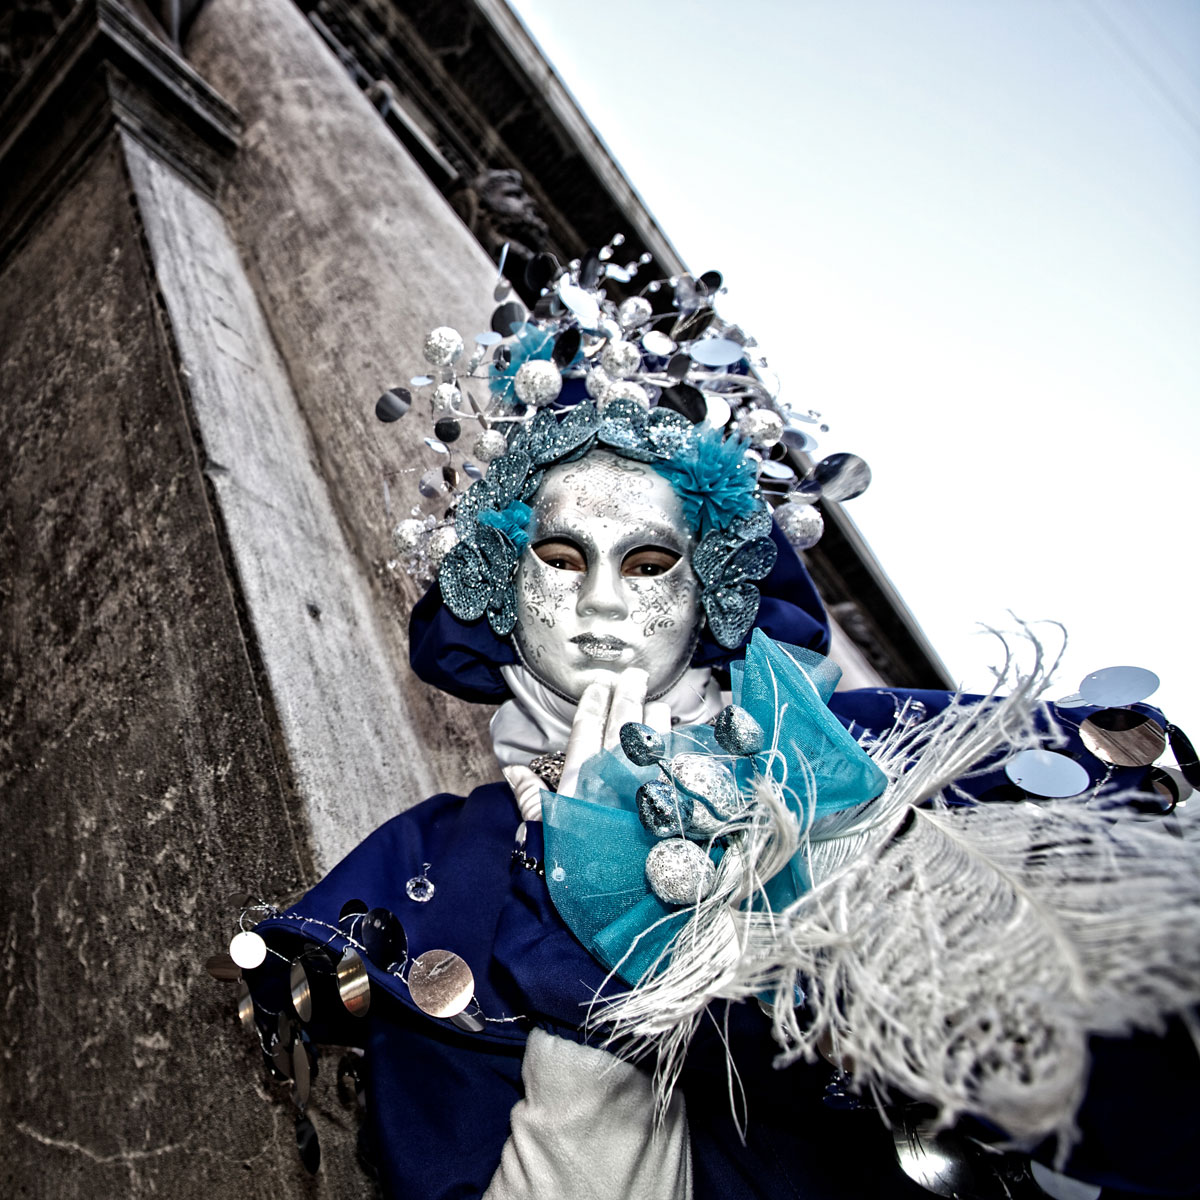 carnevale-di-venezia_018_SP